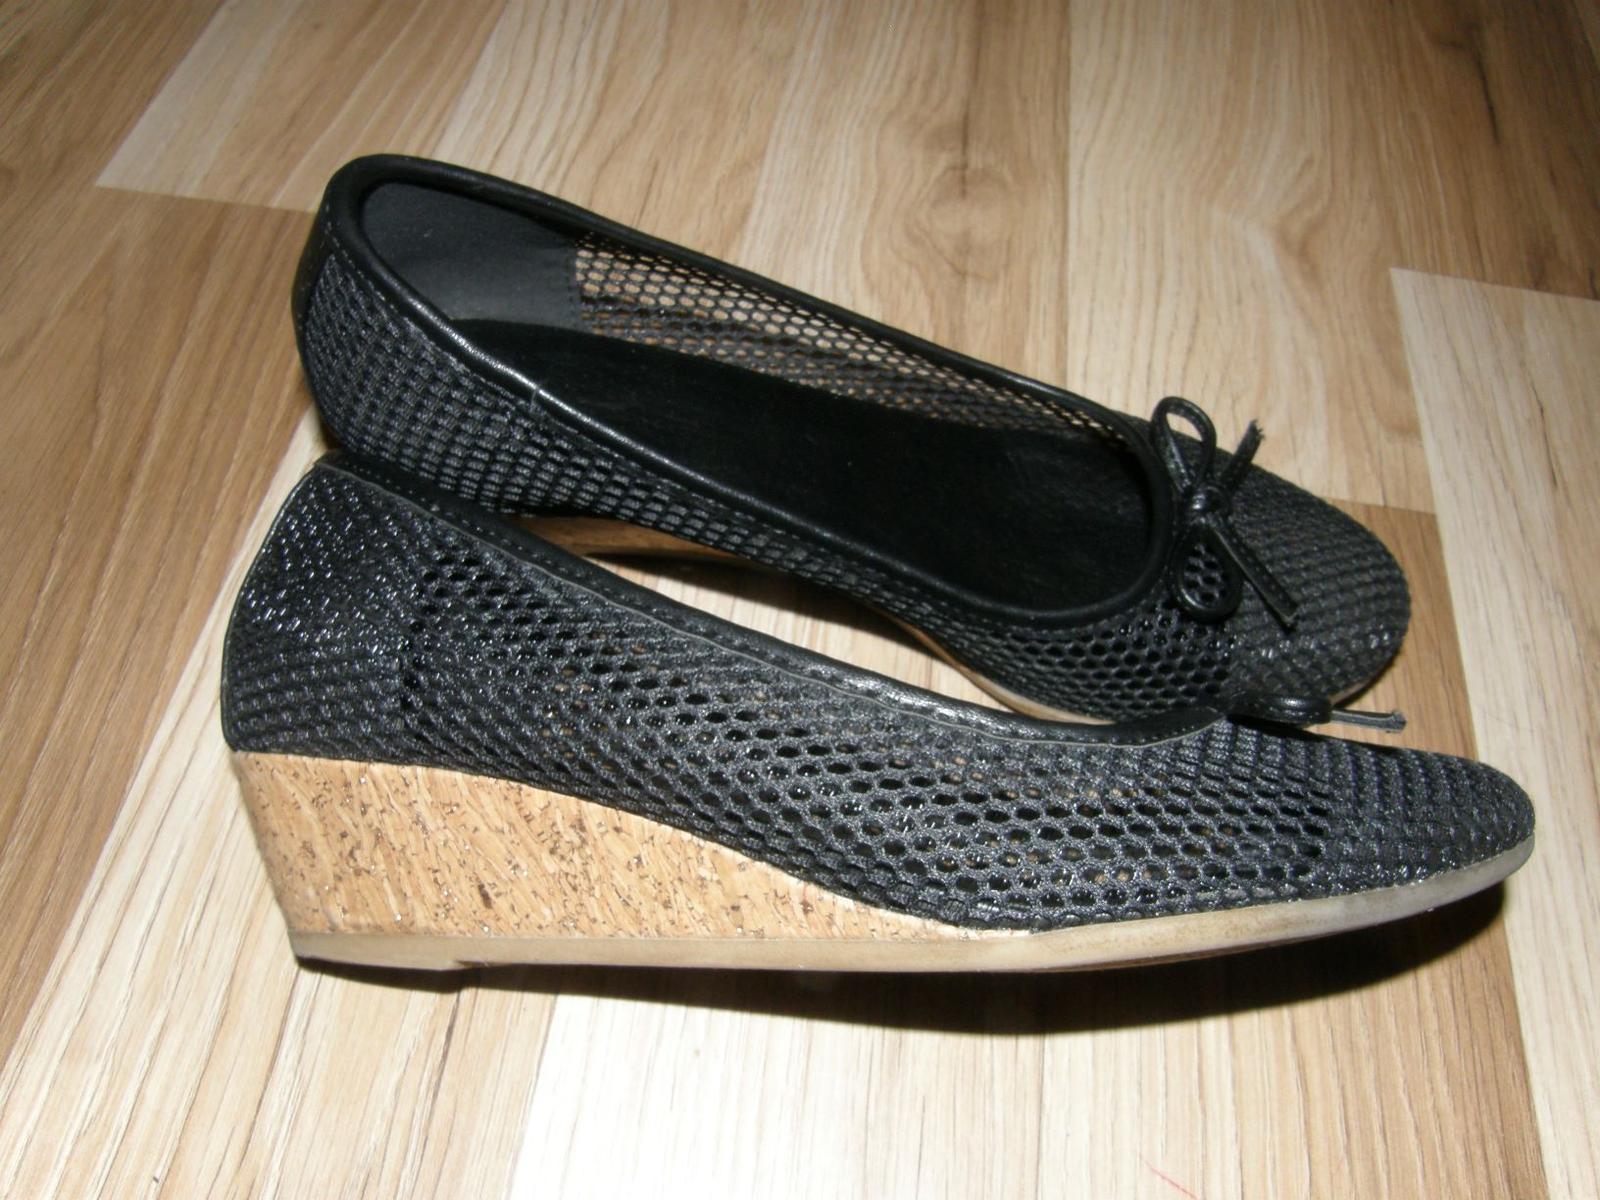 Topánky s klinovým opätkom - Obrázok č. 3